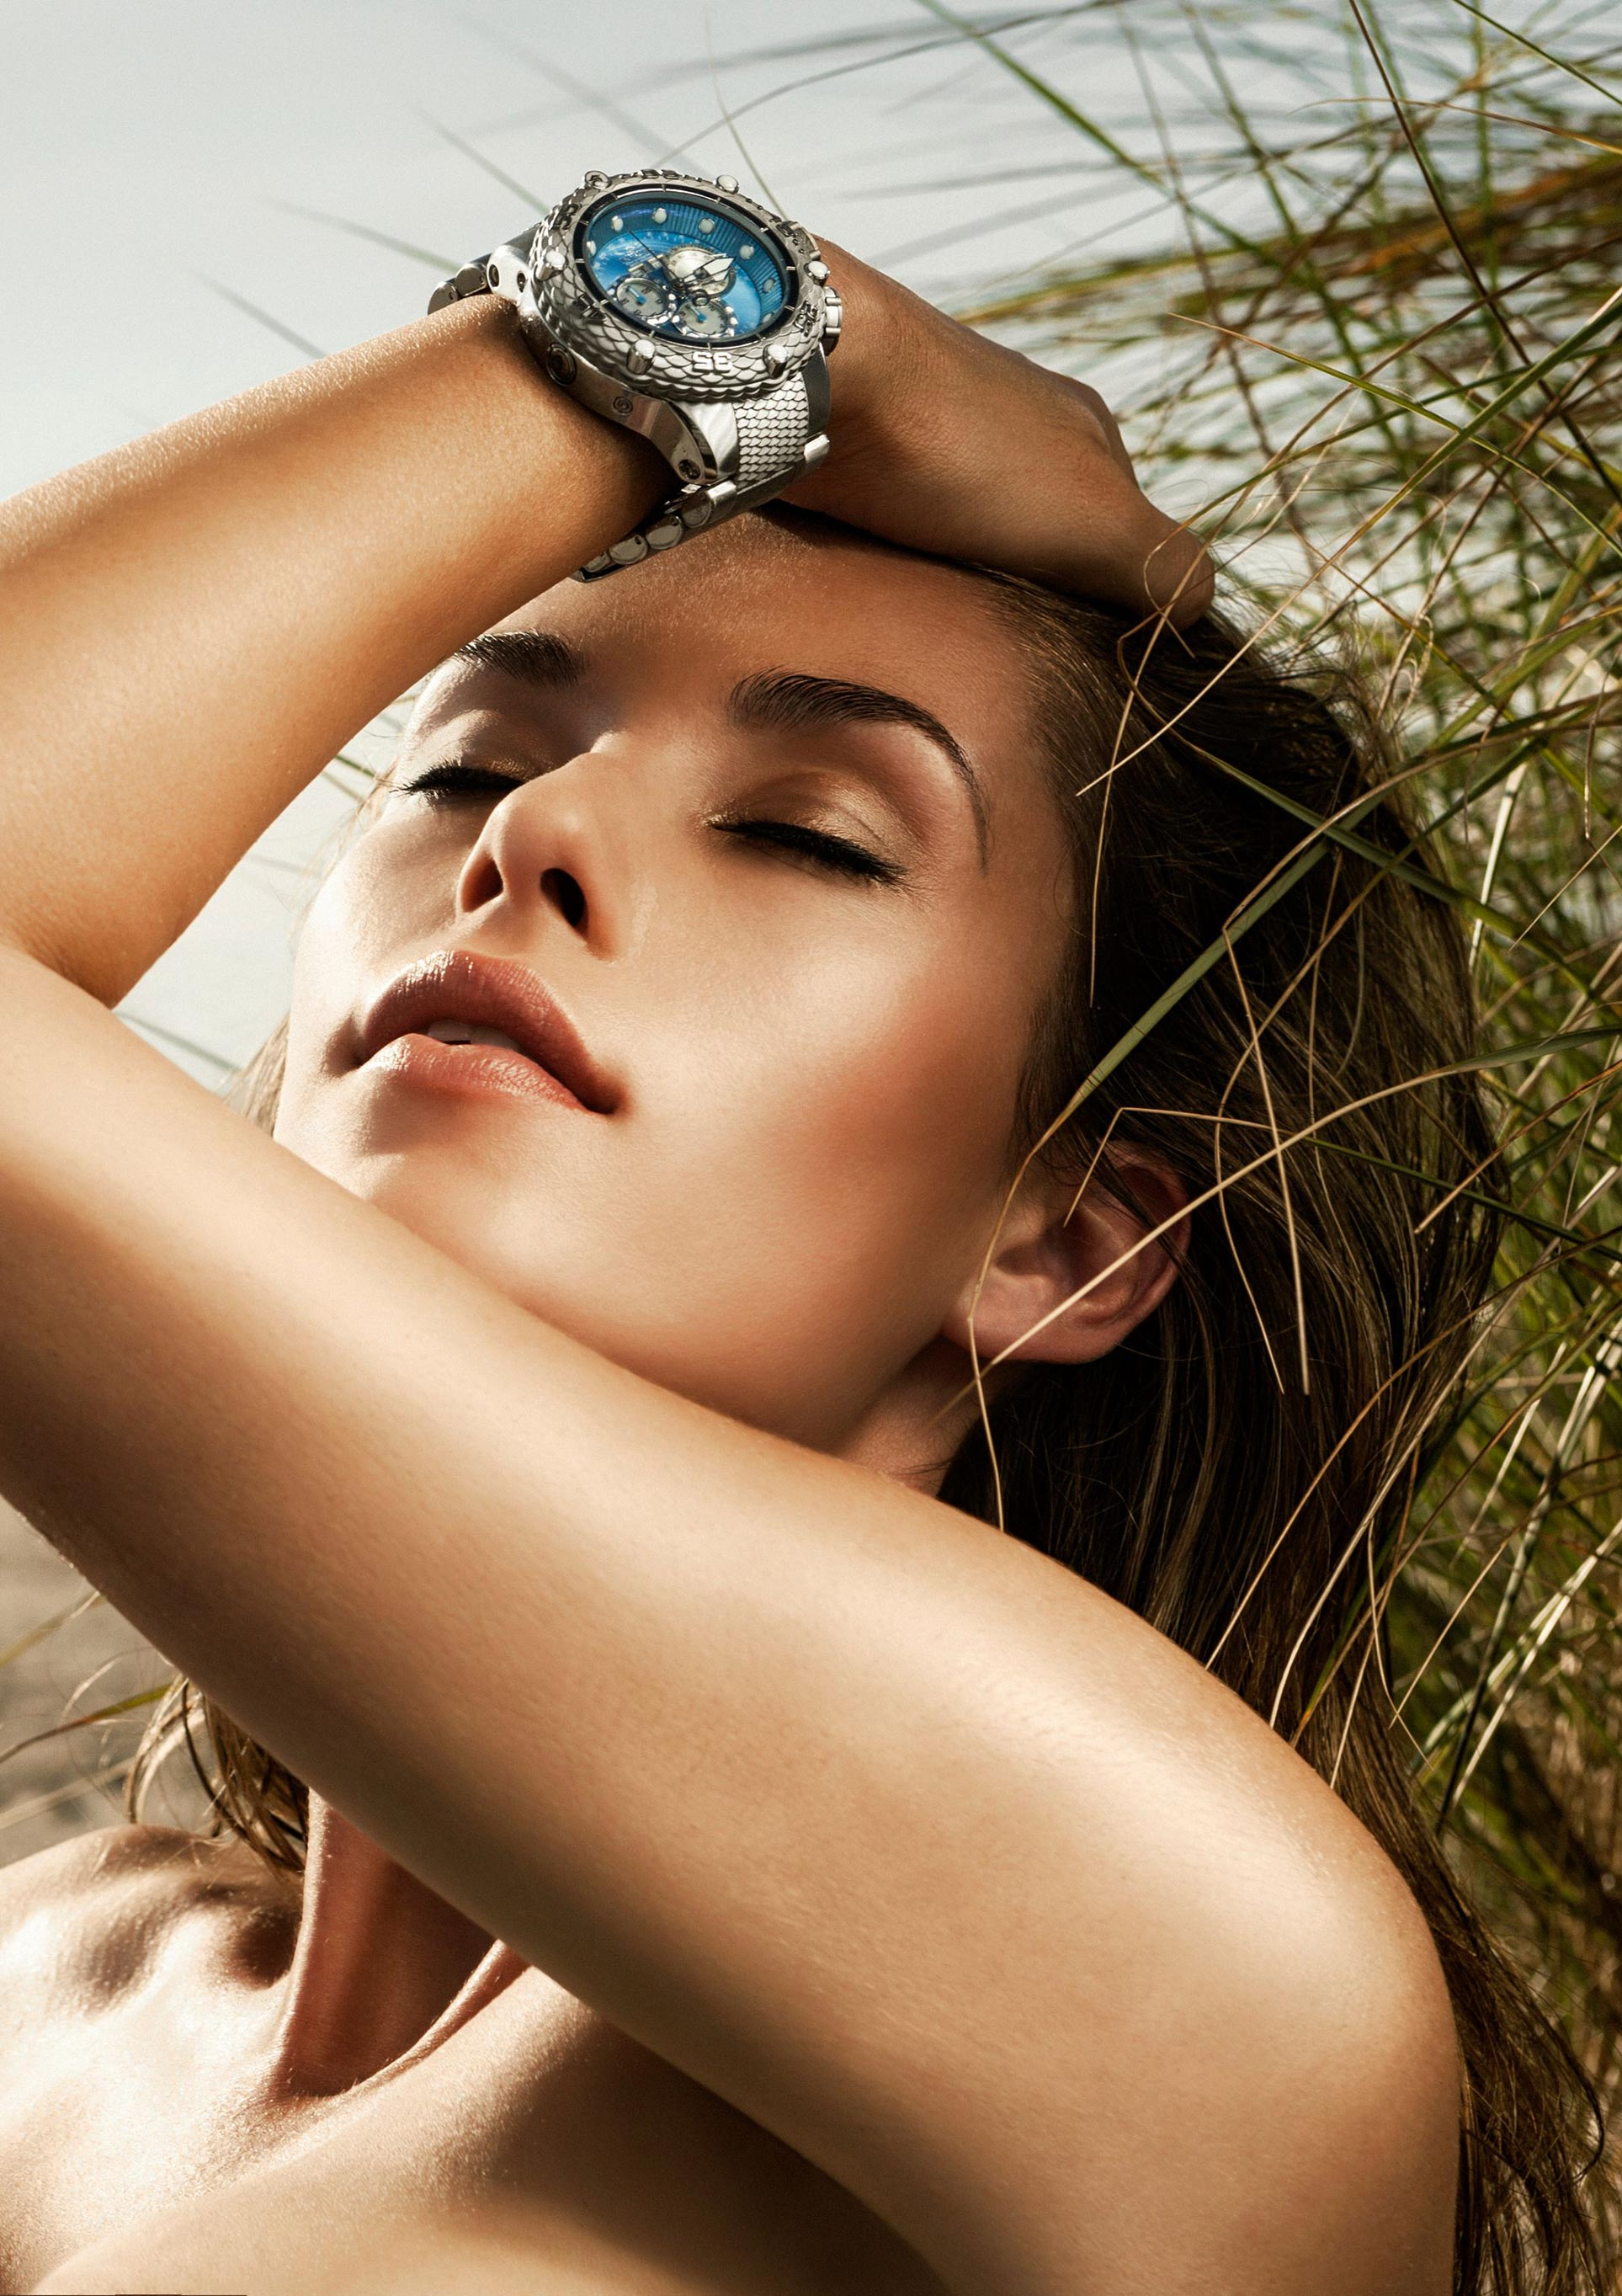 Часы Invicta на красивых девушках / фото 08